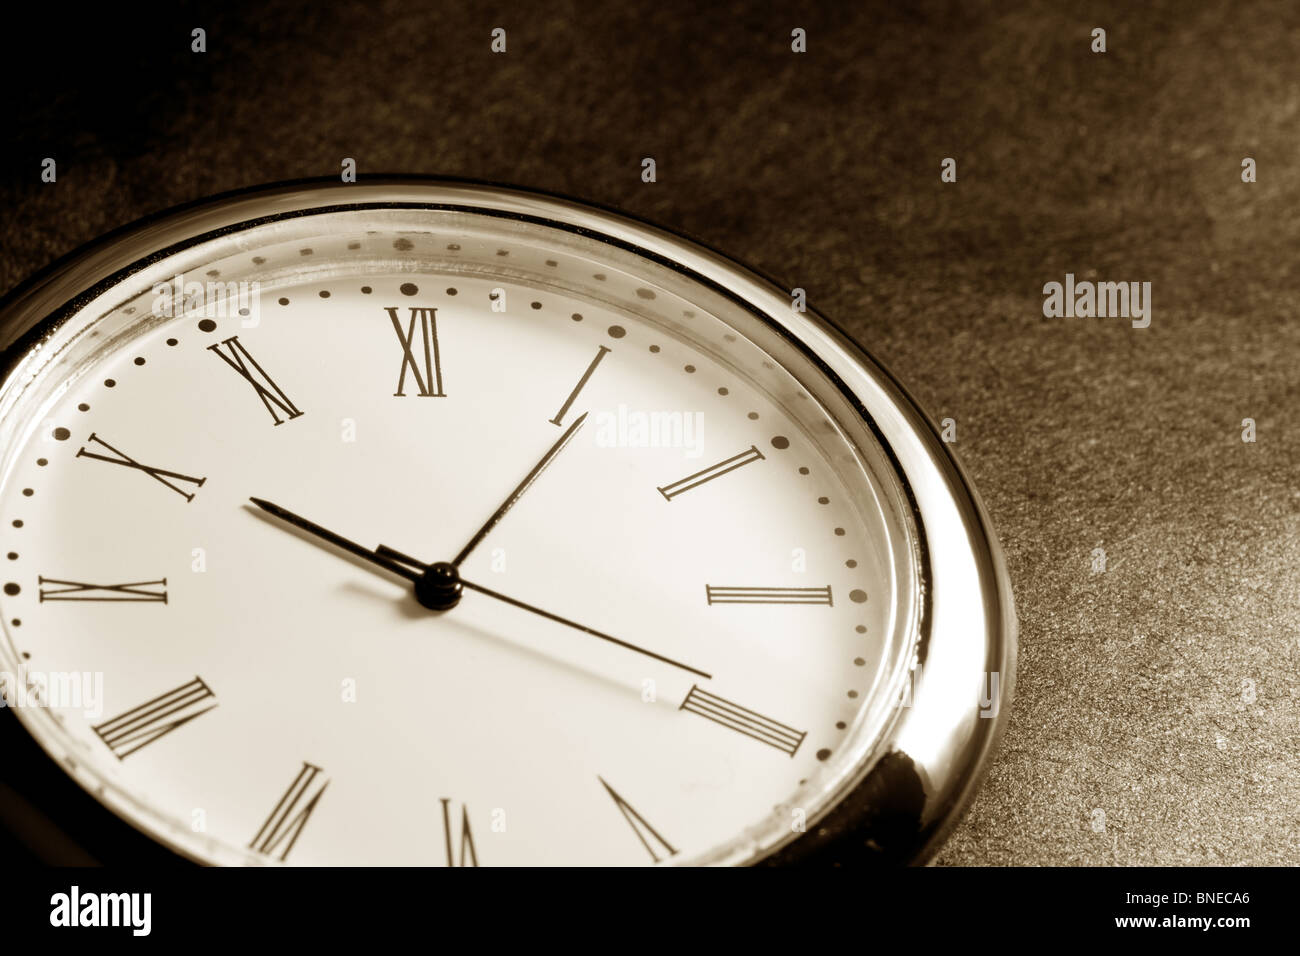 Uhr hautnah mit dunklem Hintergrund Stockbild